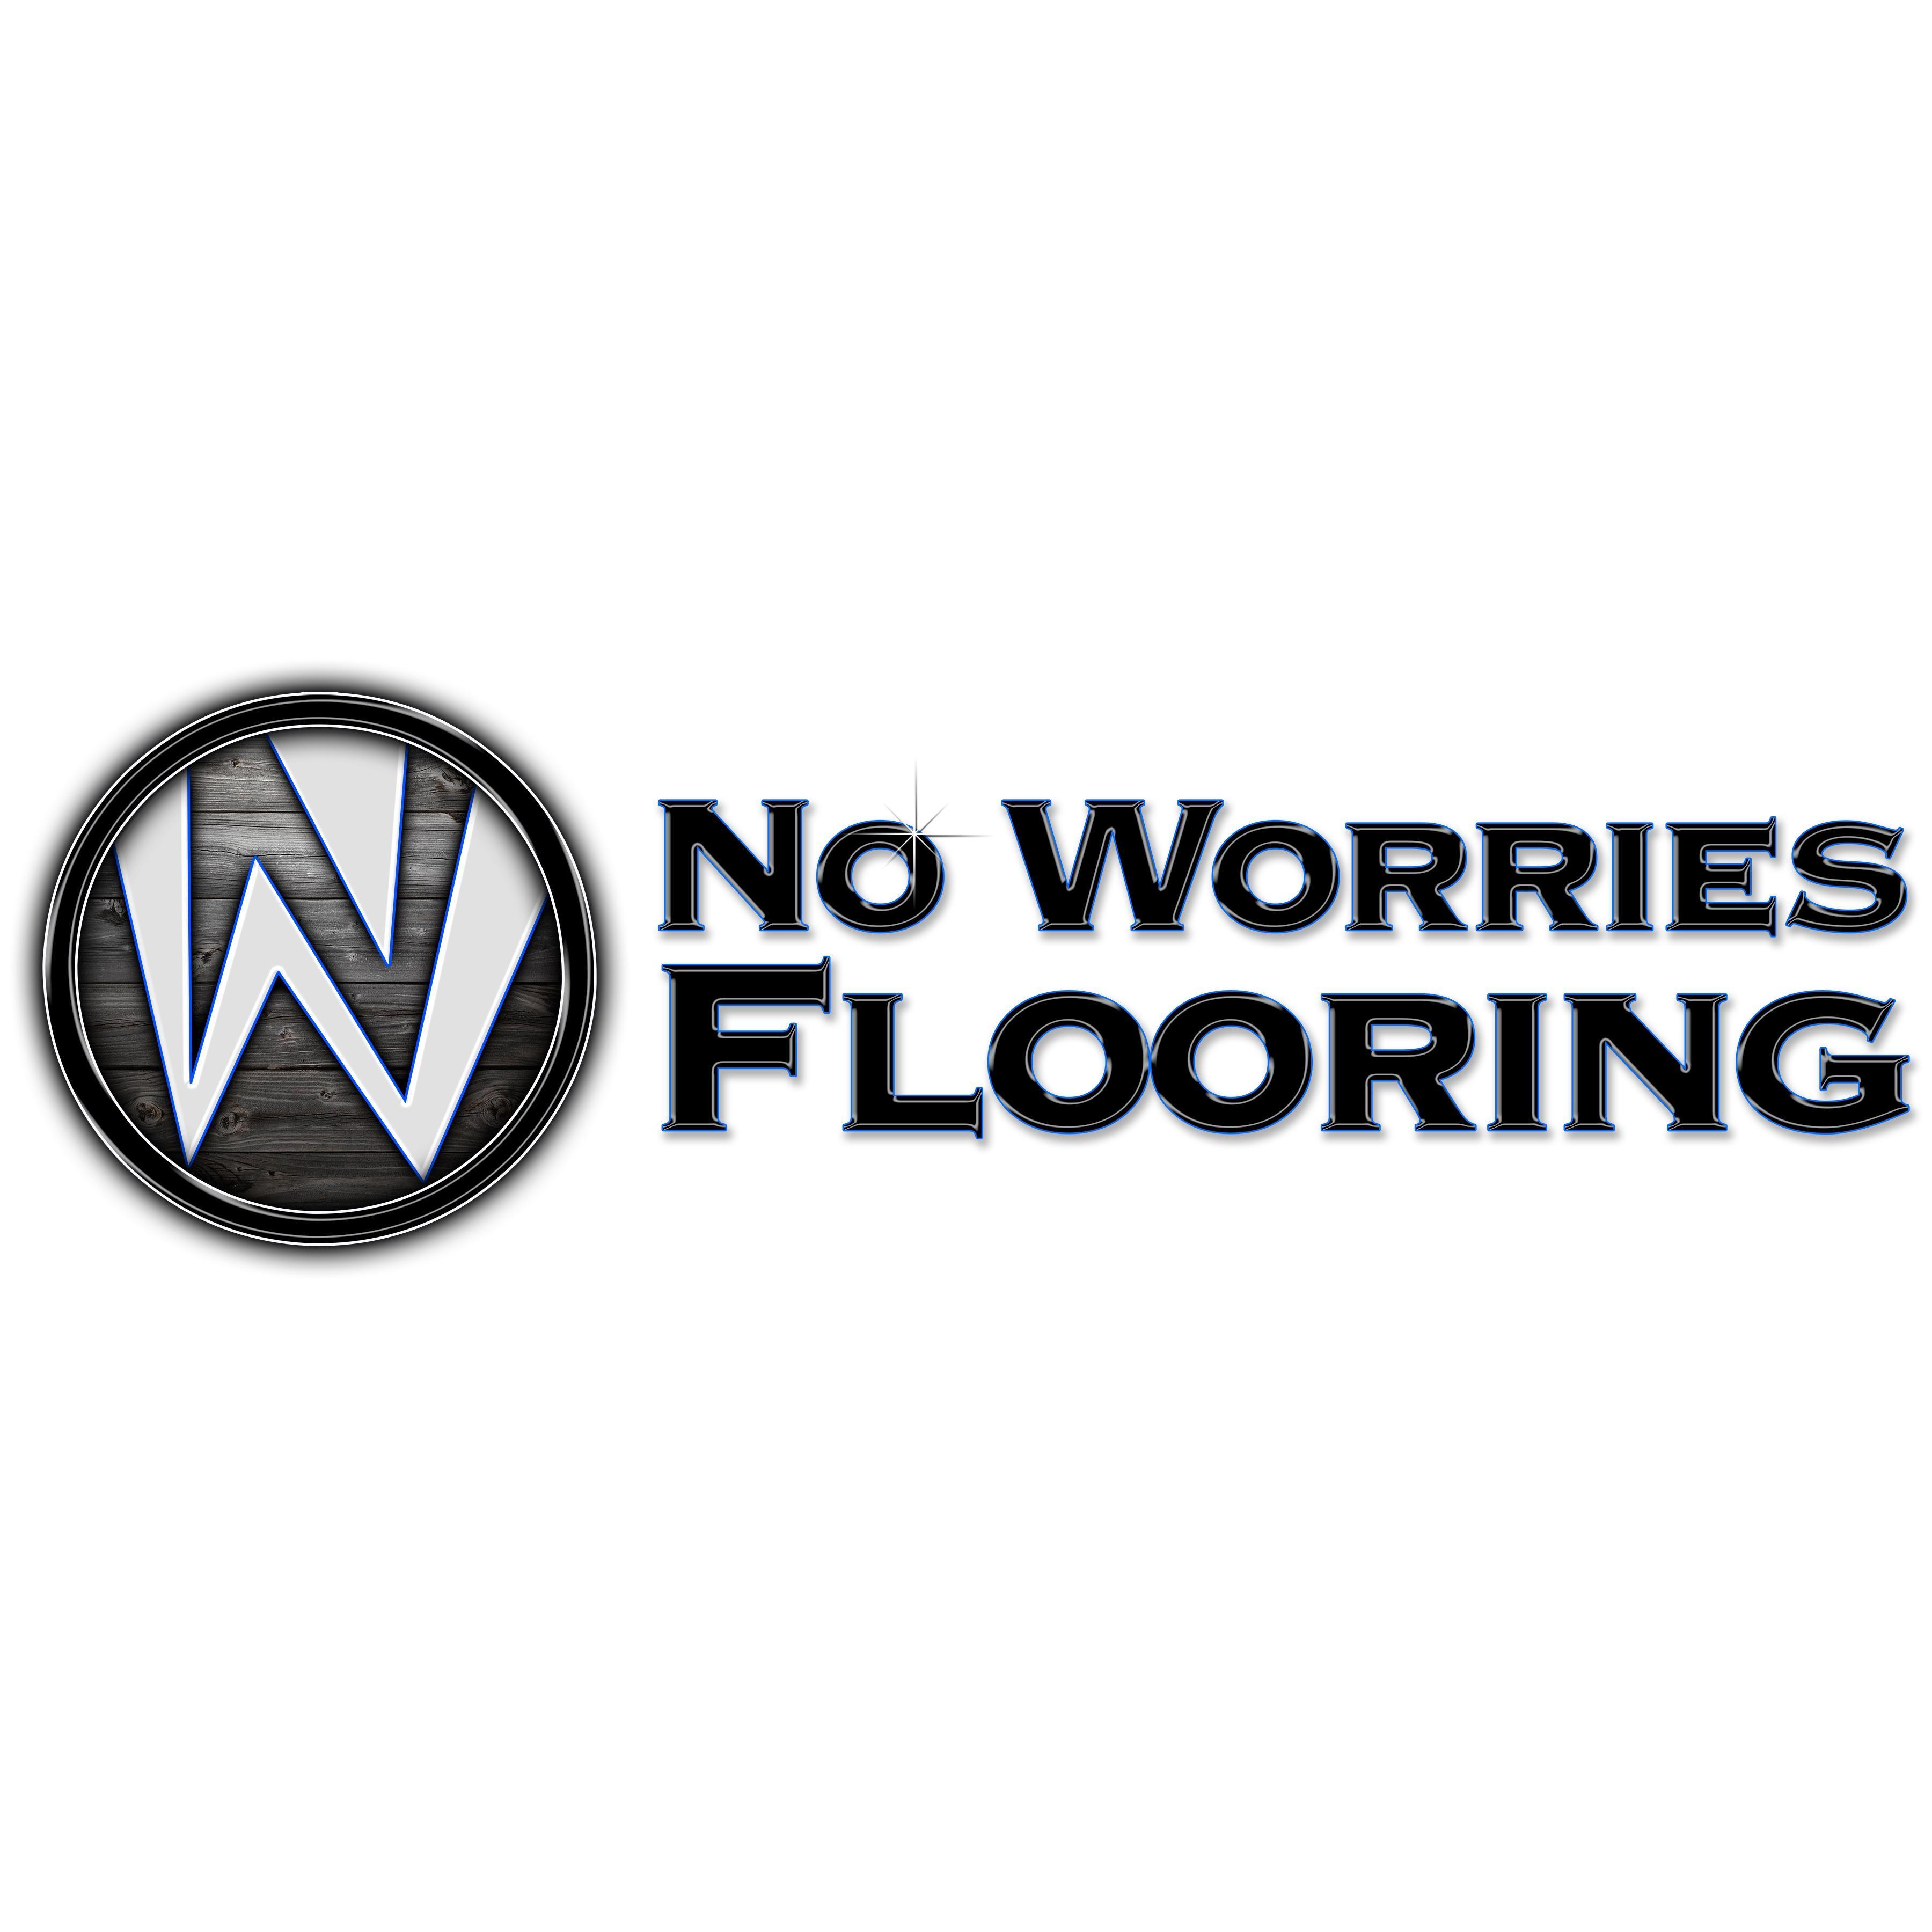 No Worries Flooring